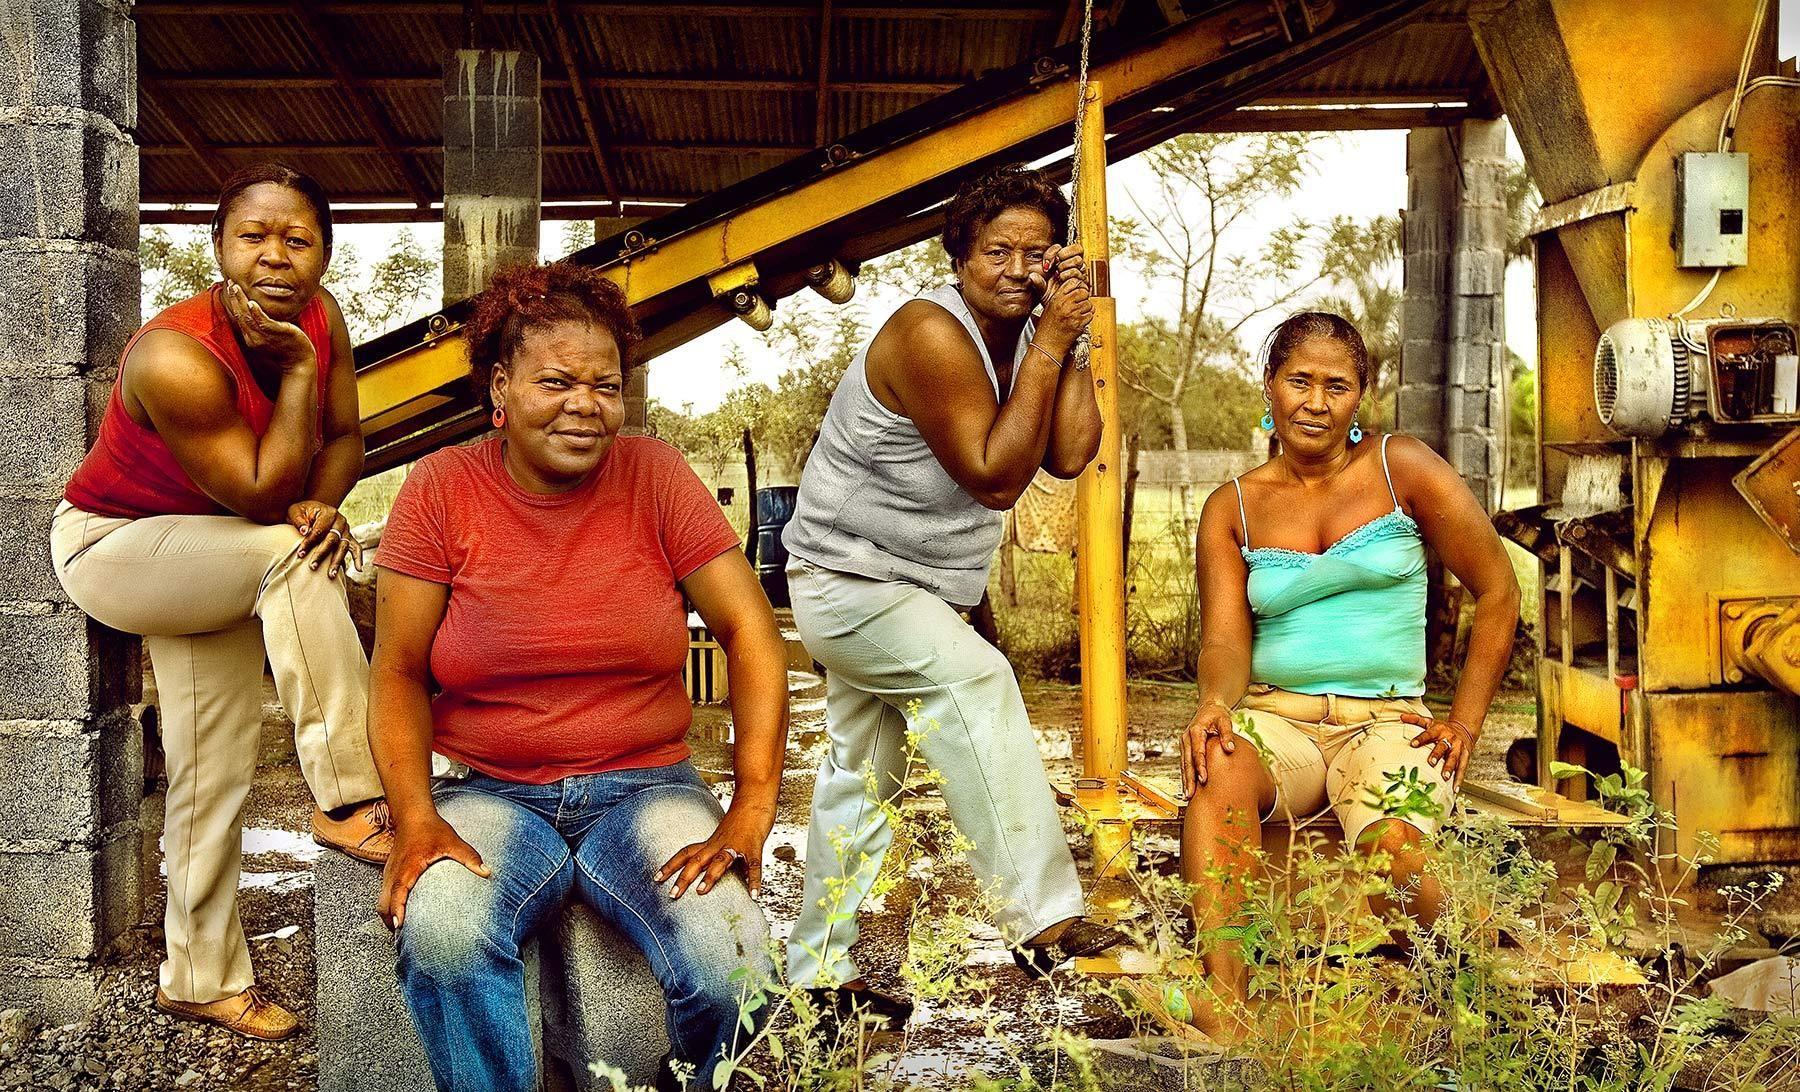 ANTIA MAÑÓN RINCÓN, PORFIRIA FRÍAS, SIMONA FLORES, SILBERIA BELTRÉ, MUJER 2007